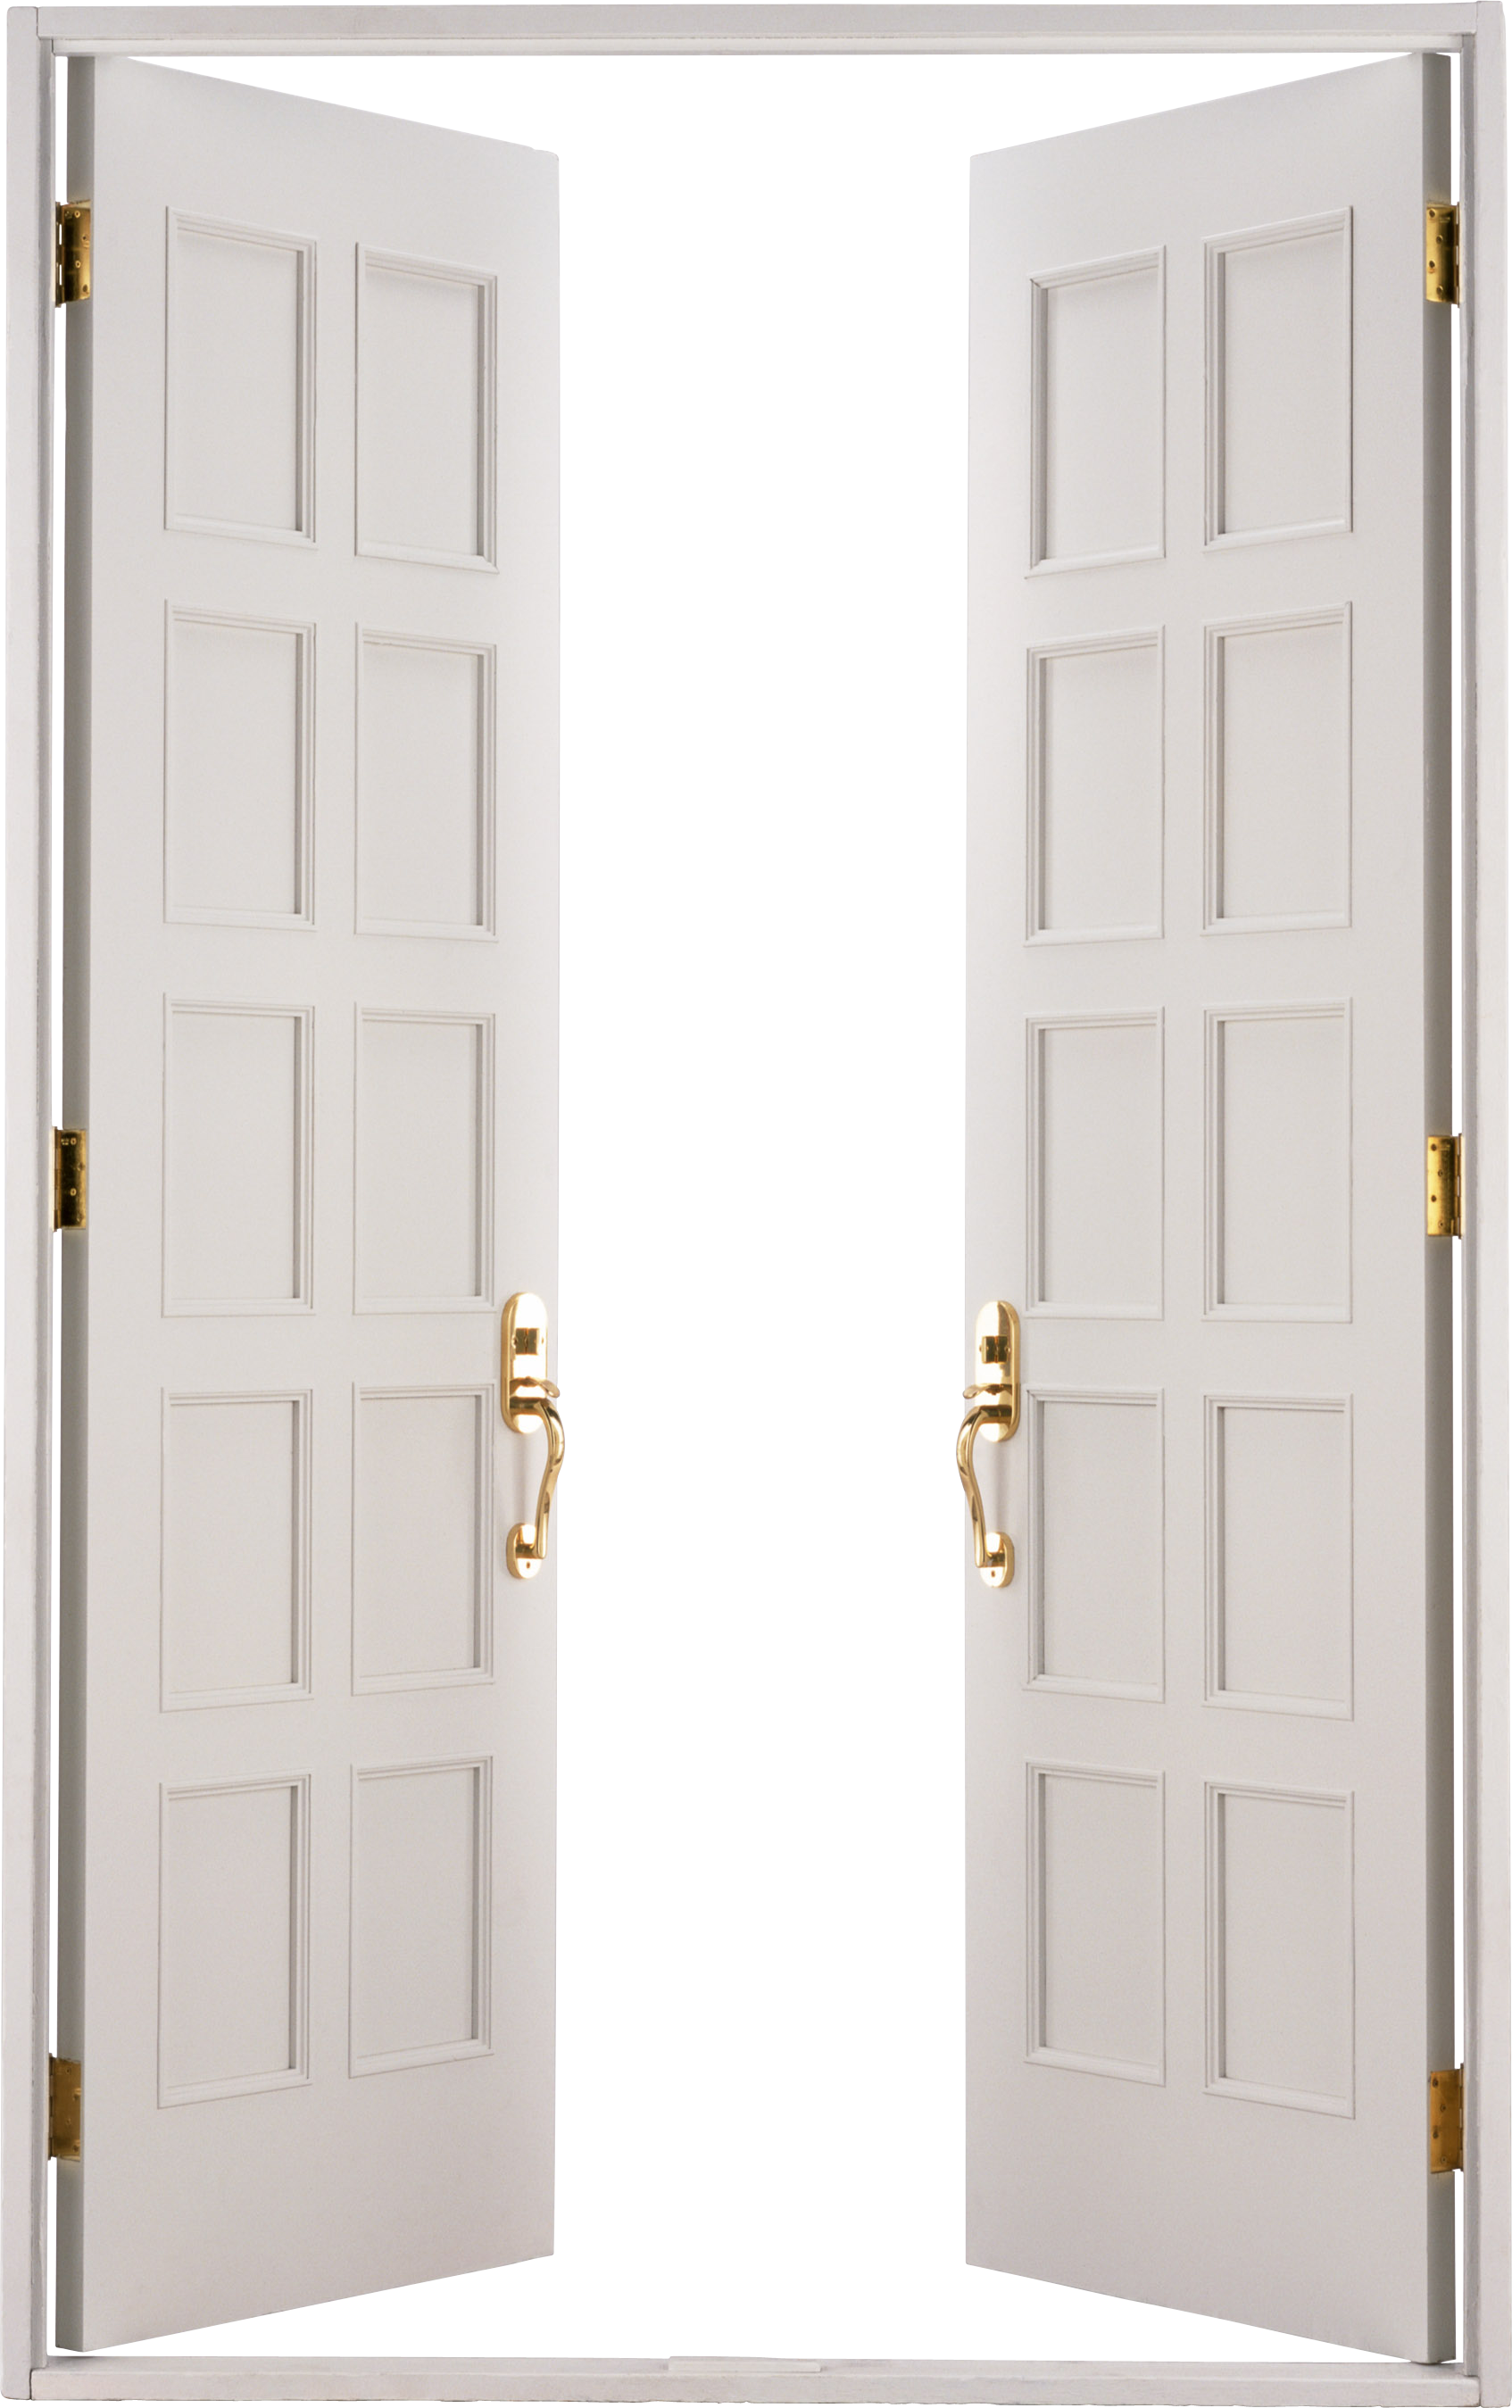 House with open door clipart free Door PNG images, wood door PNG, open door PNG free